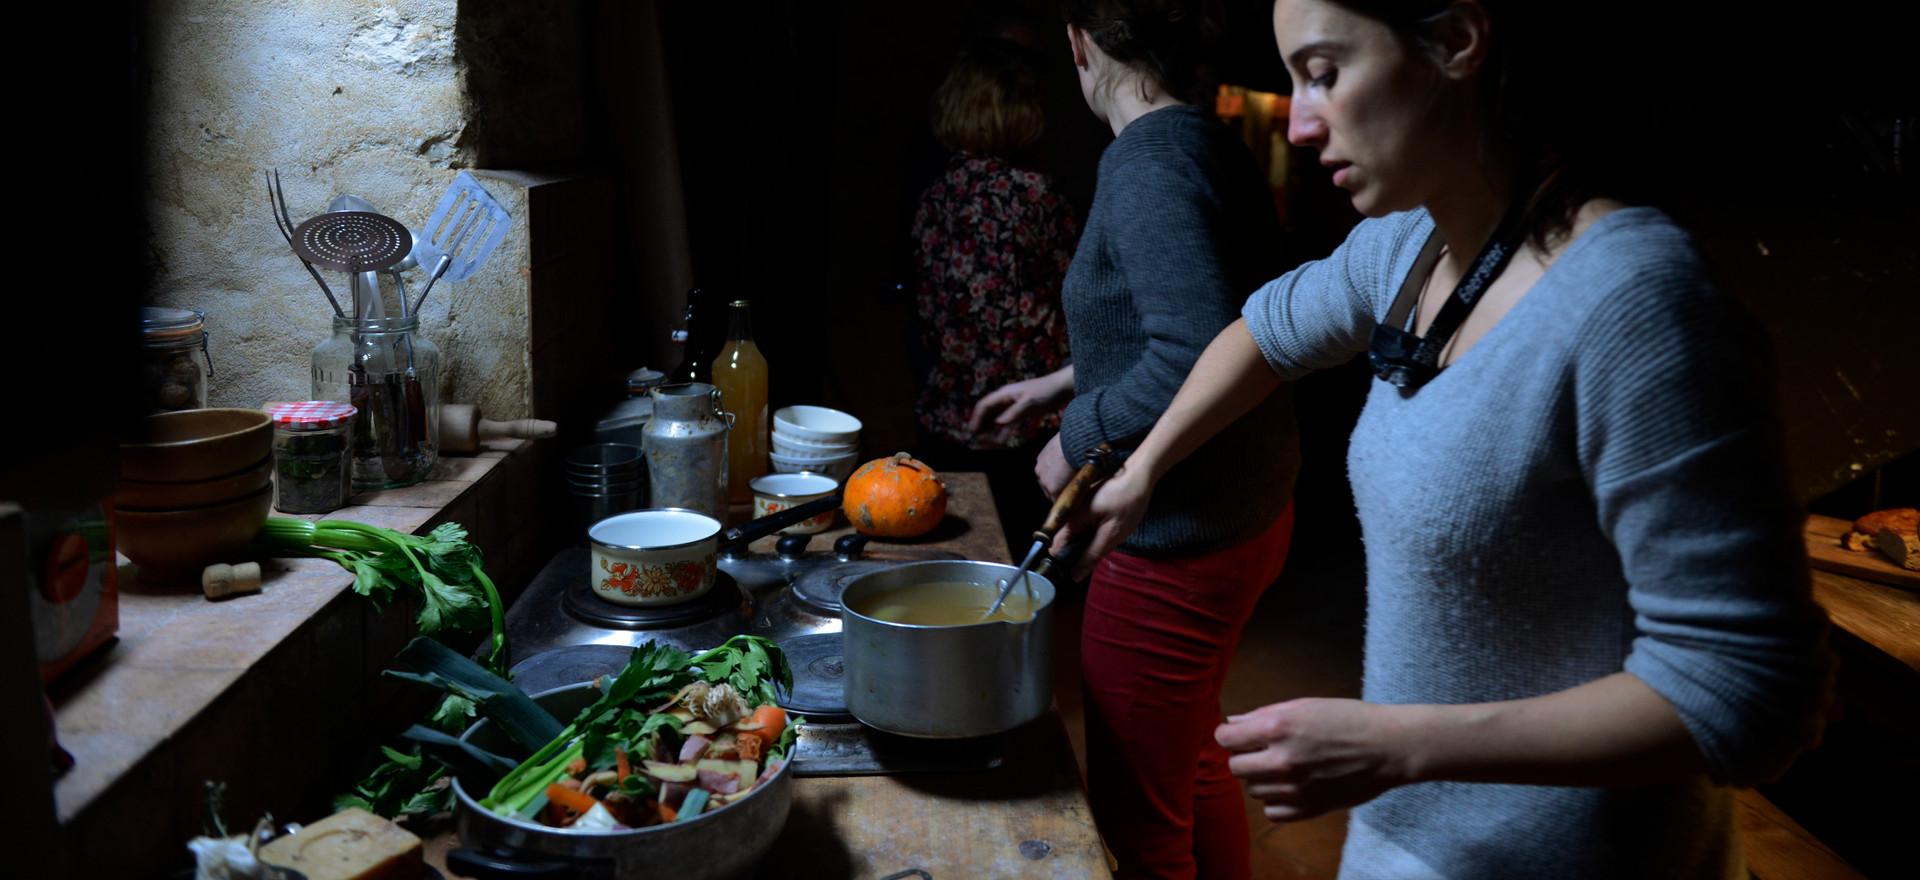 Pauline, set designer, preparing the dinner scene